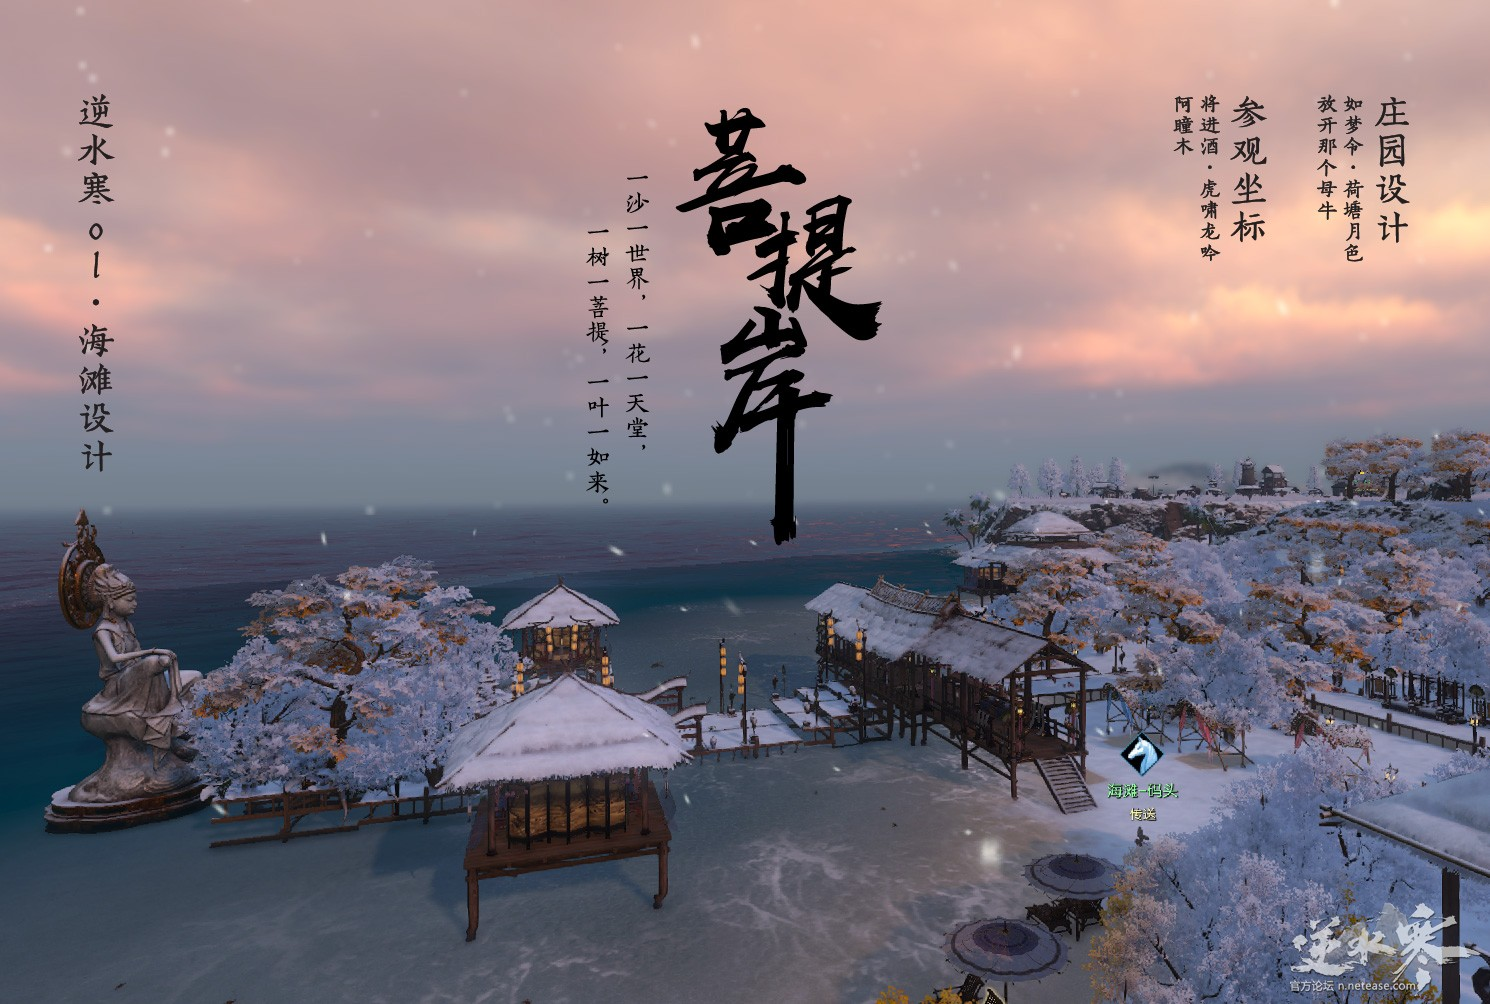 【7级庄园海滩设计】菩提岸——金色信仰之地【自在门】